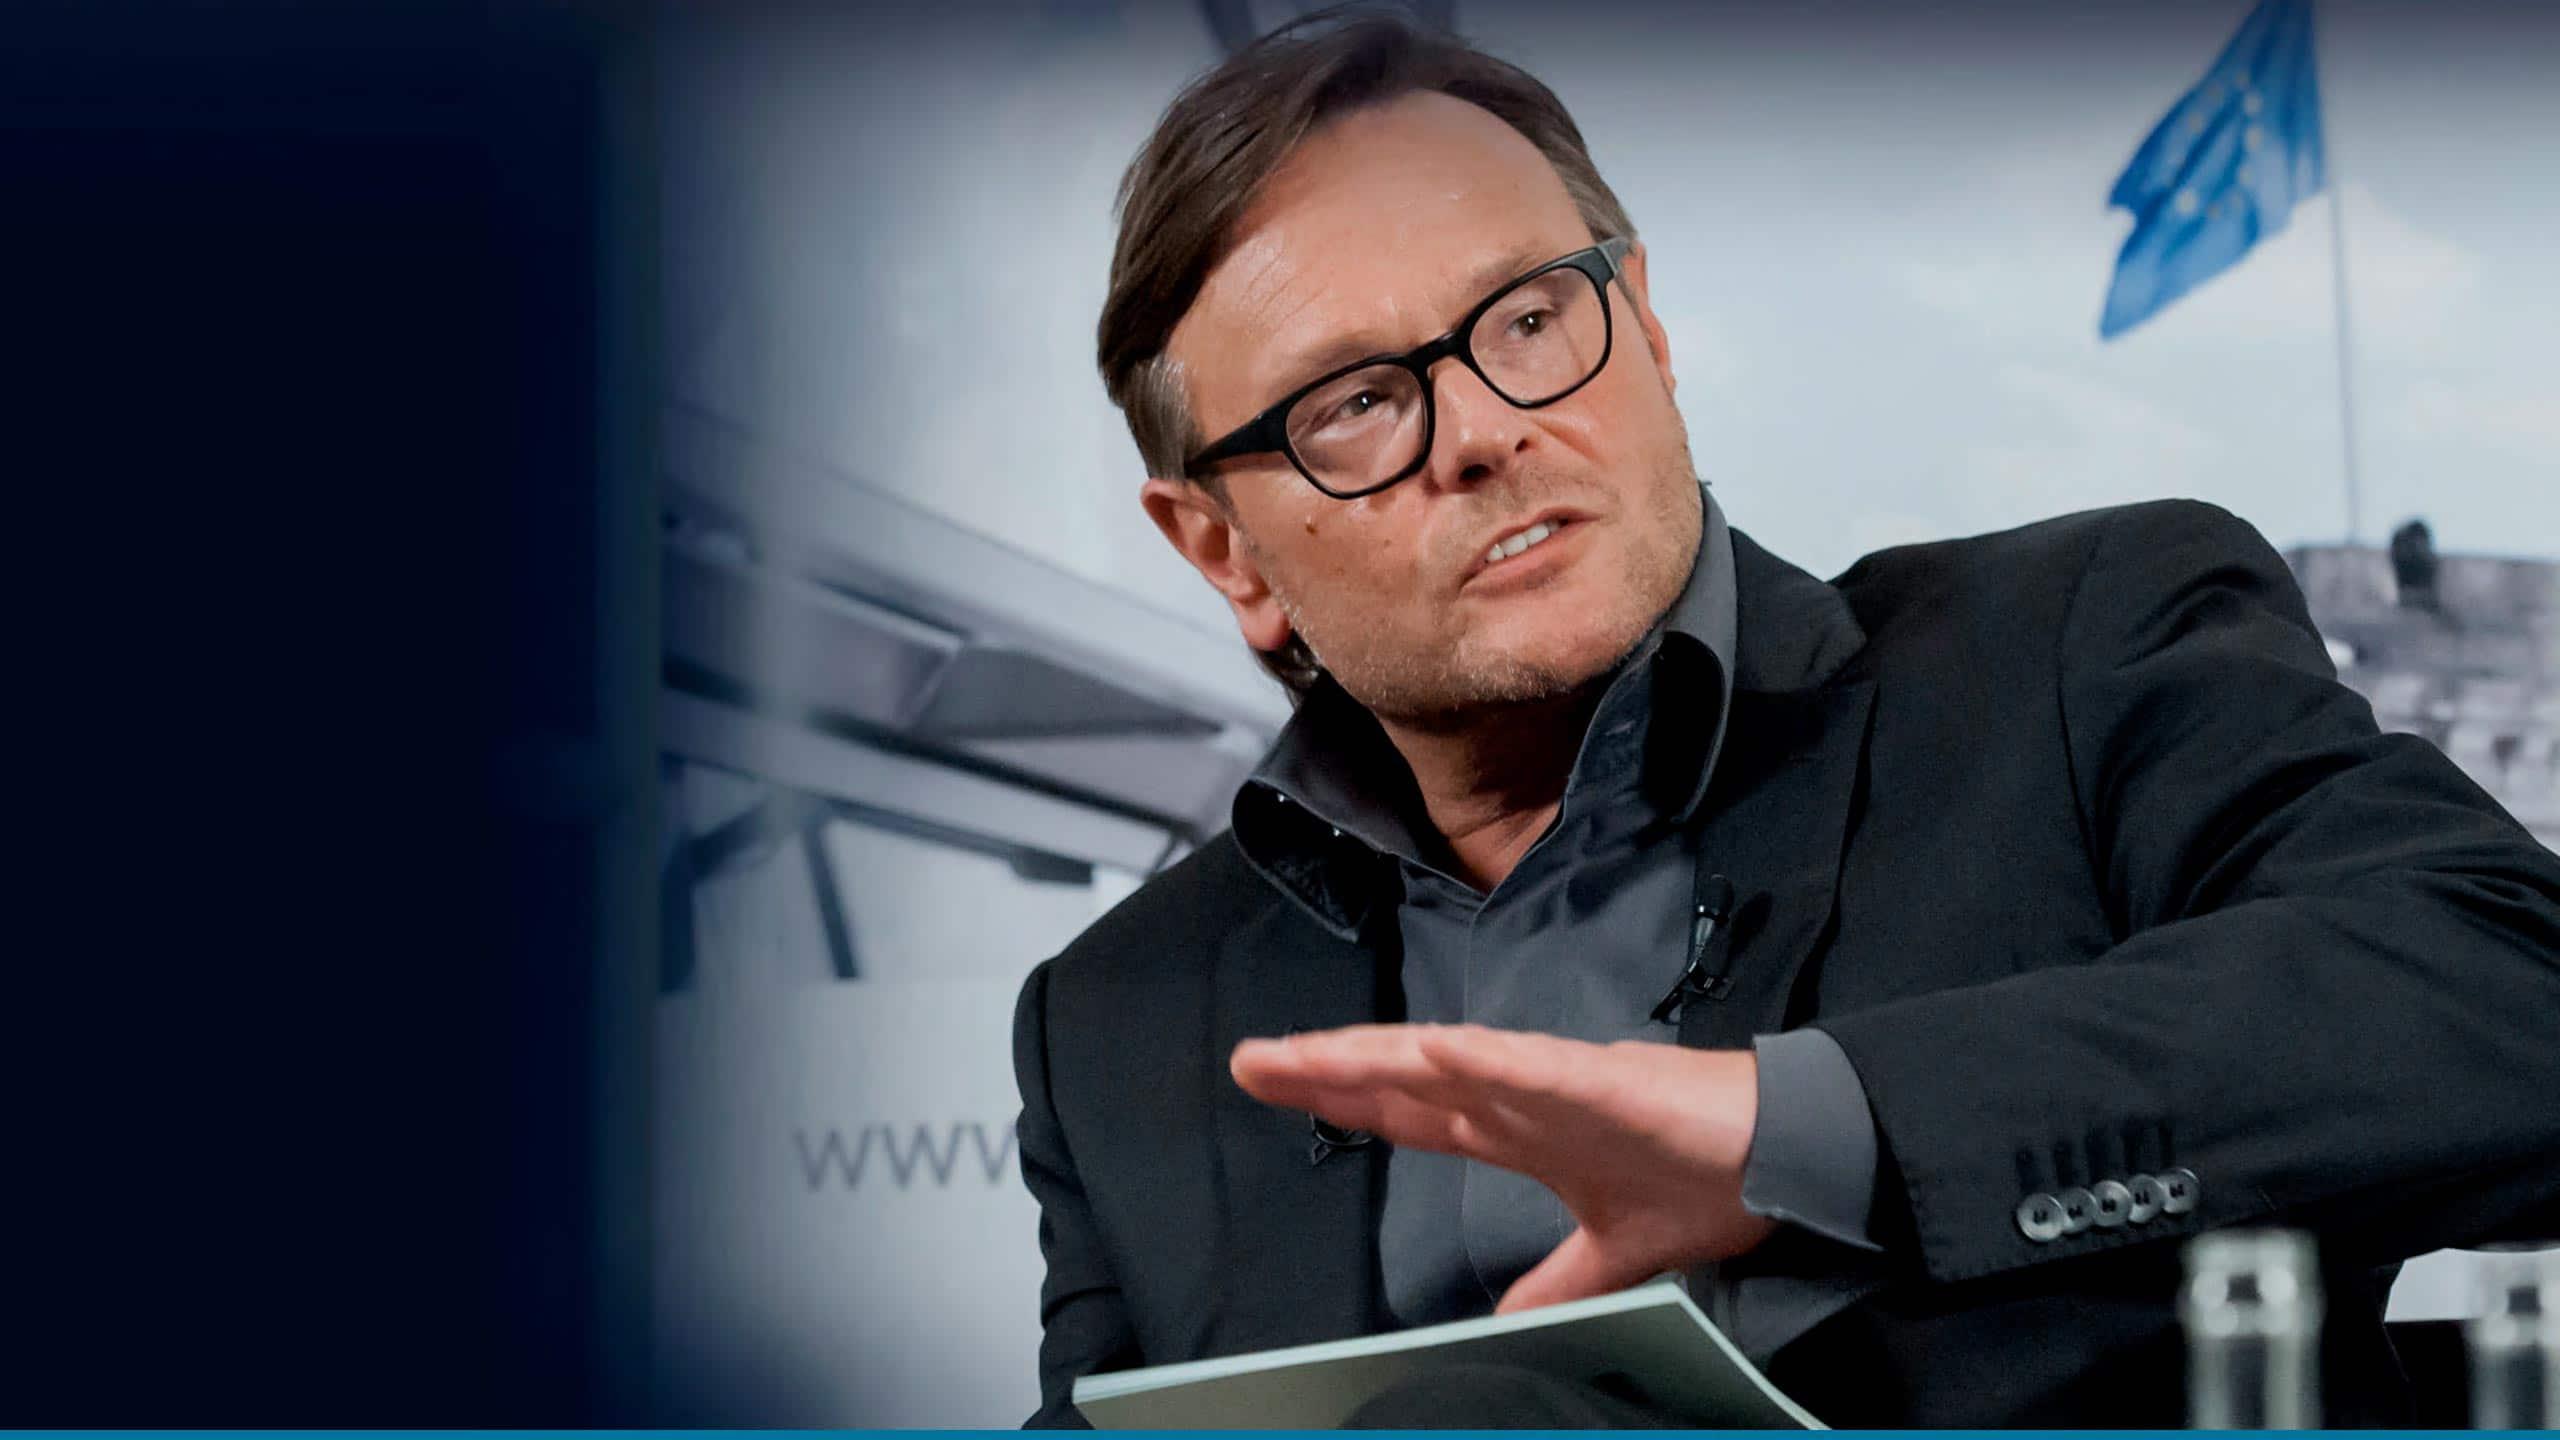 slider-01-der-pfeiffer-moderation-politischer-interviewer